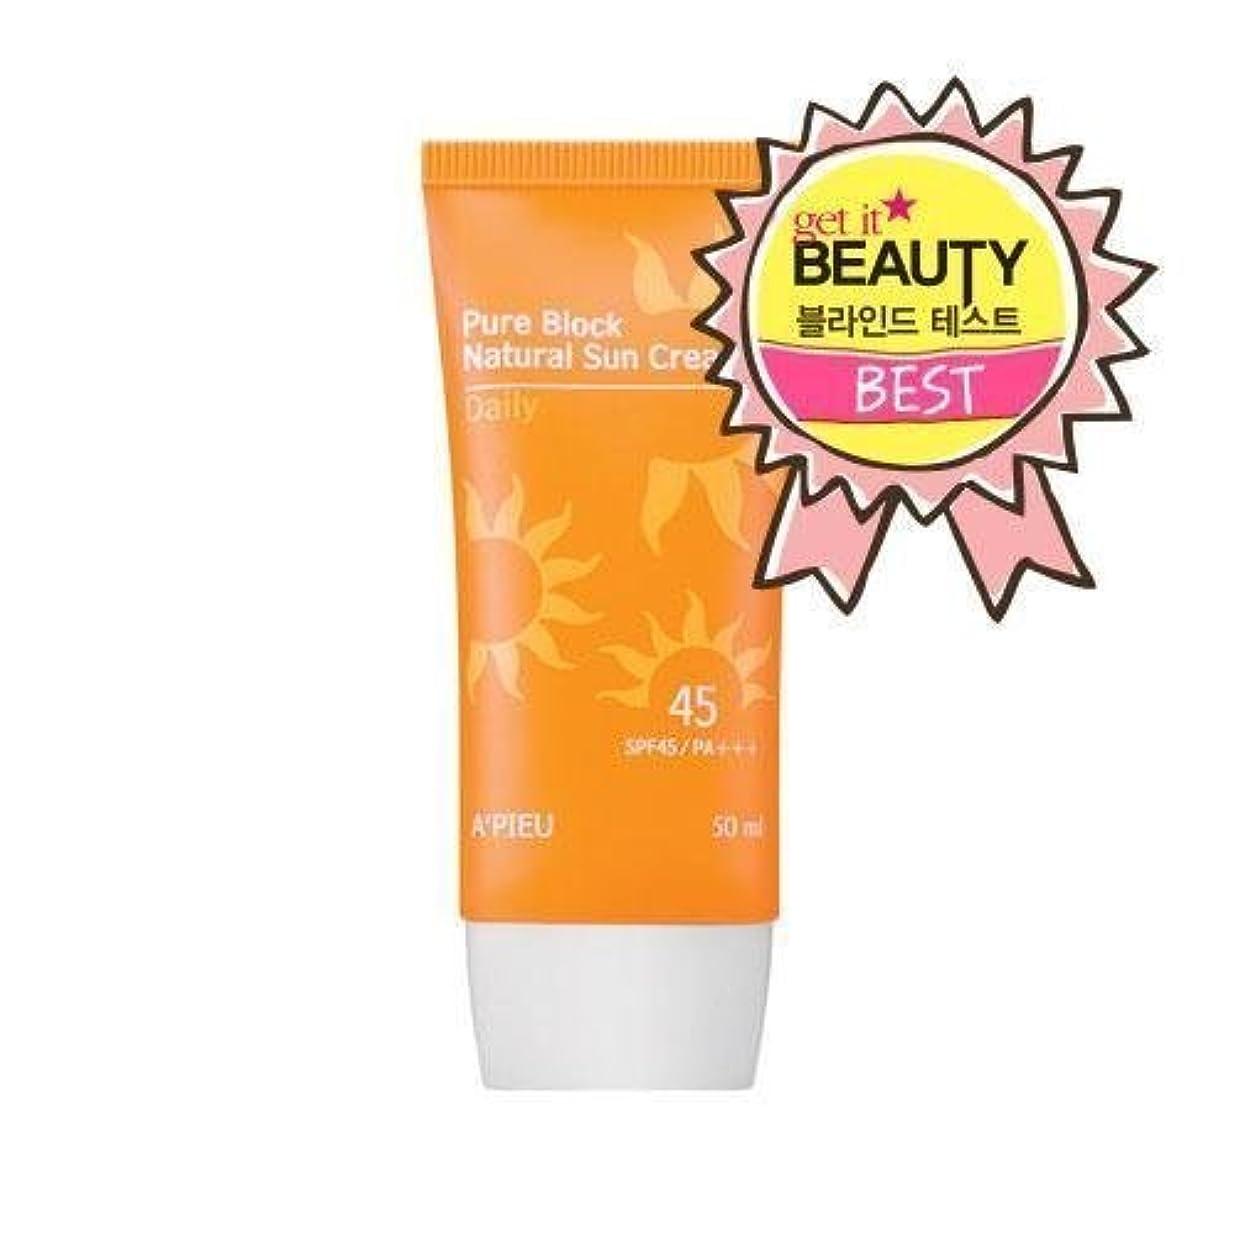 レバー消費マニュアルAPIEU Pure Natural Daily Sun Cream (SPF45/PA+++)/ Made in Korea